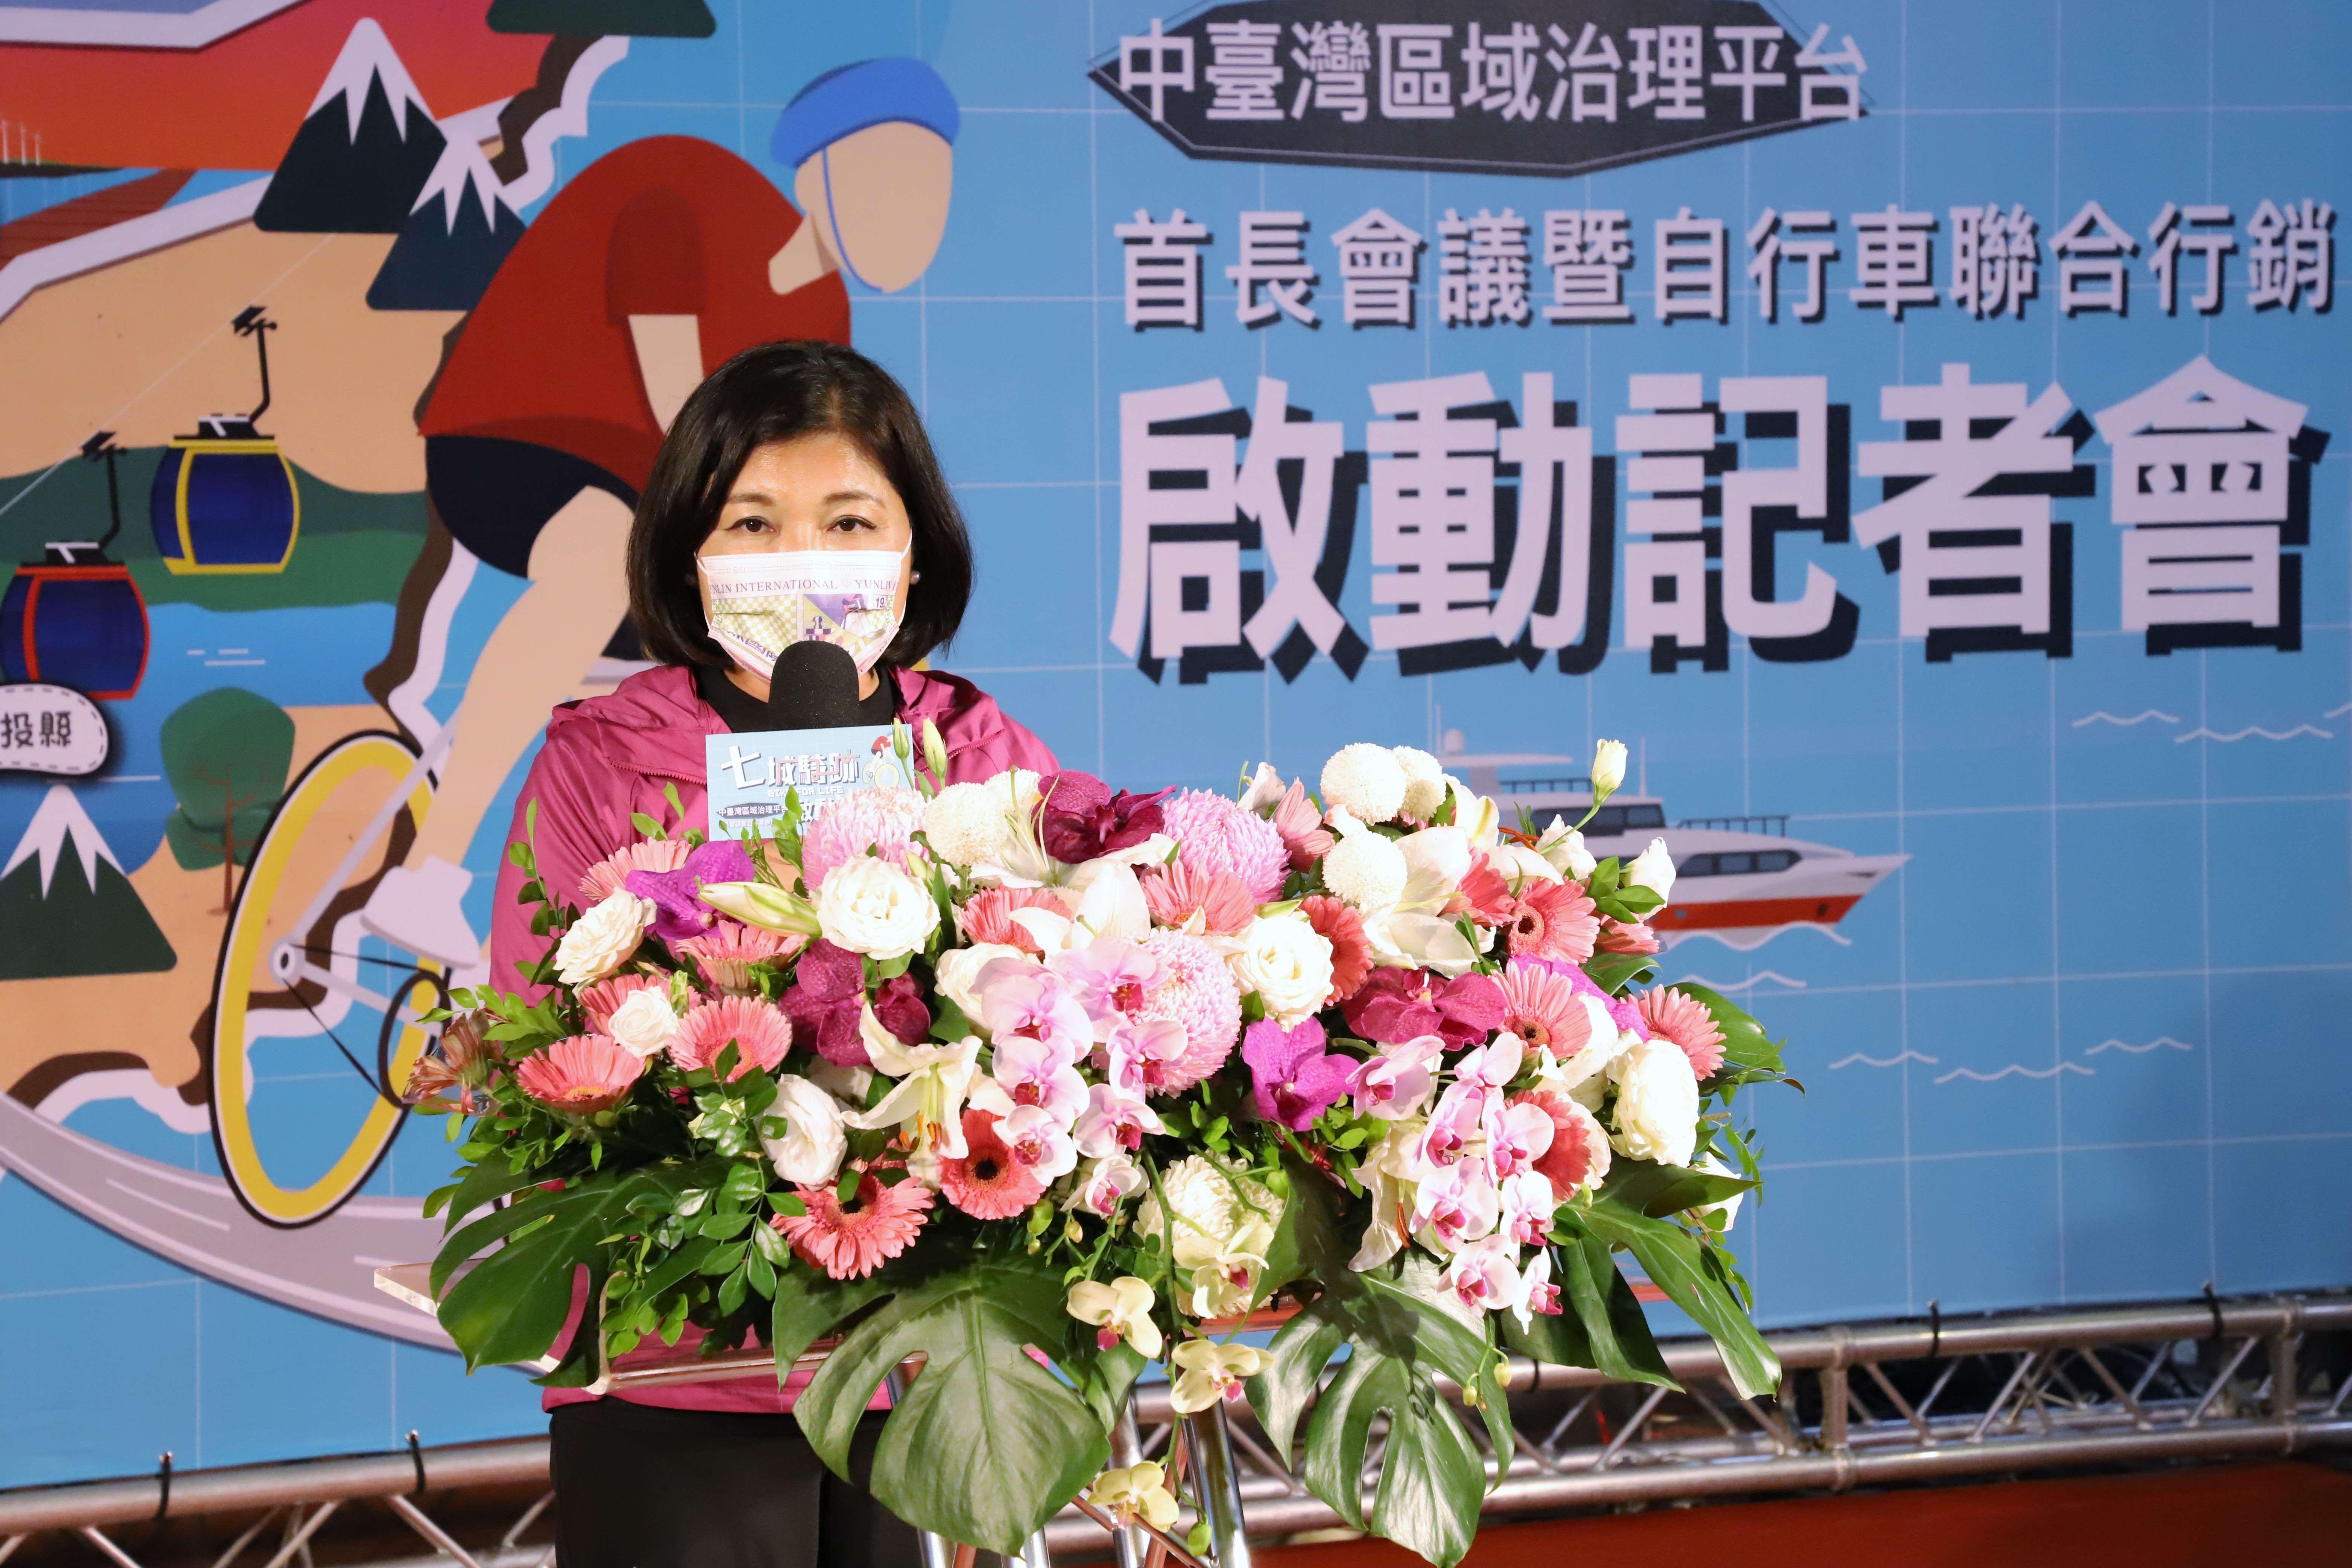 張縣長出席中台灣區域治理平台首長會議,呼籲中央放寬各縣市自購疫苗,並邀請大家參與2021雲林國際偶戲節。